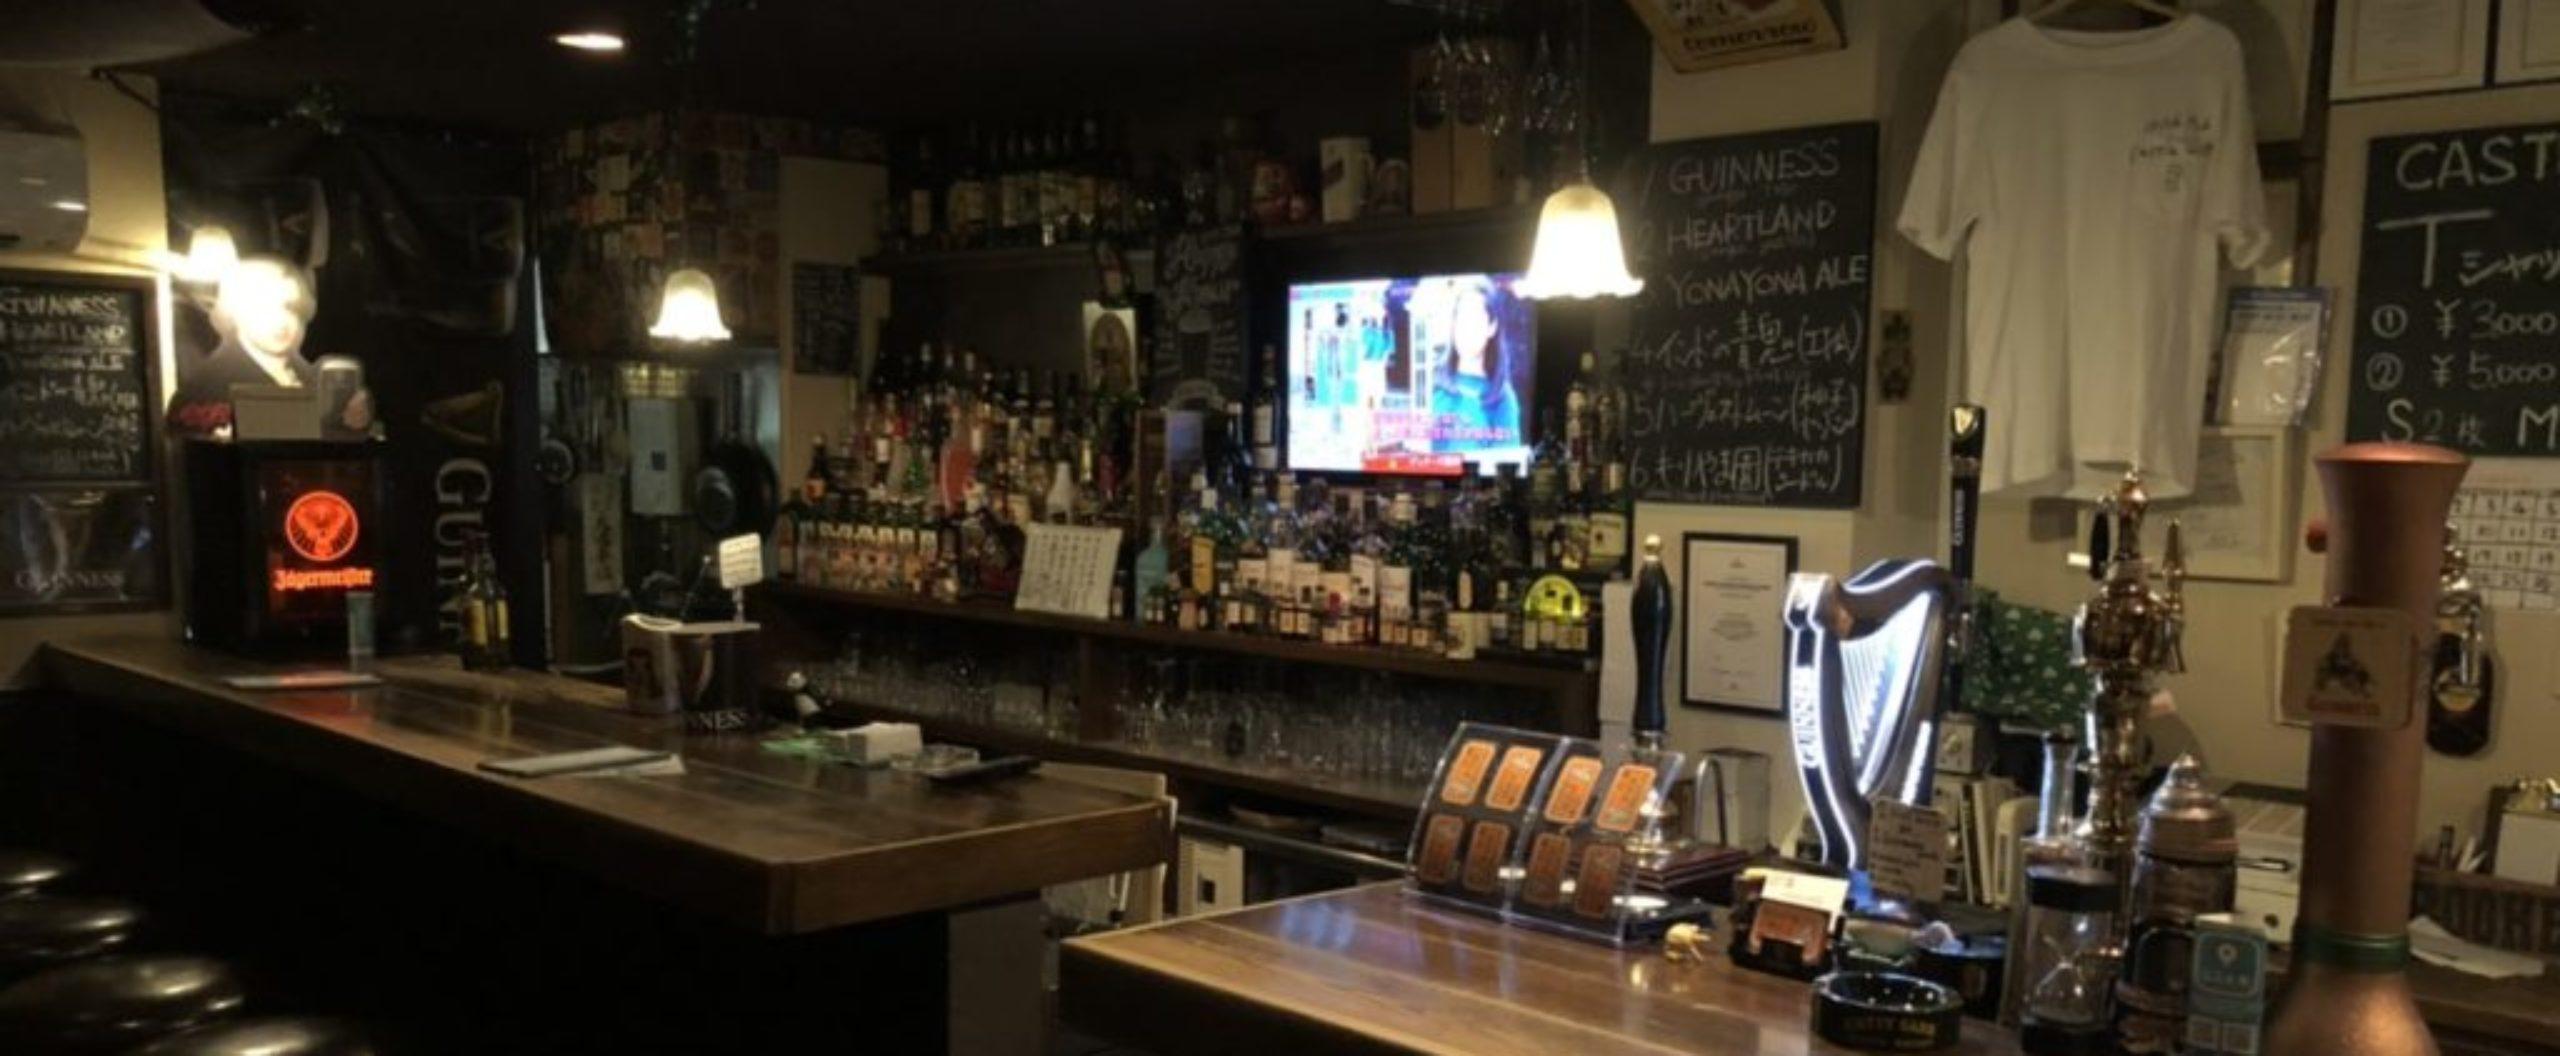 GREAT GUINNESS & GOOD FOOD 最高のビールと日本一のギネスを目指してここ木屋町でOPEN